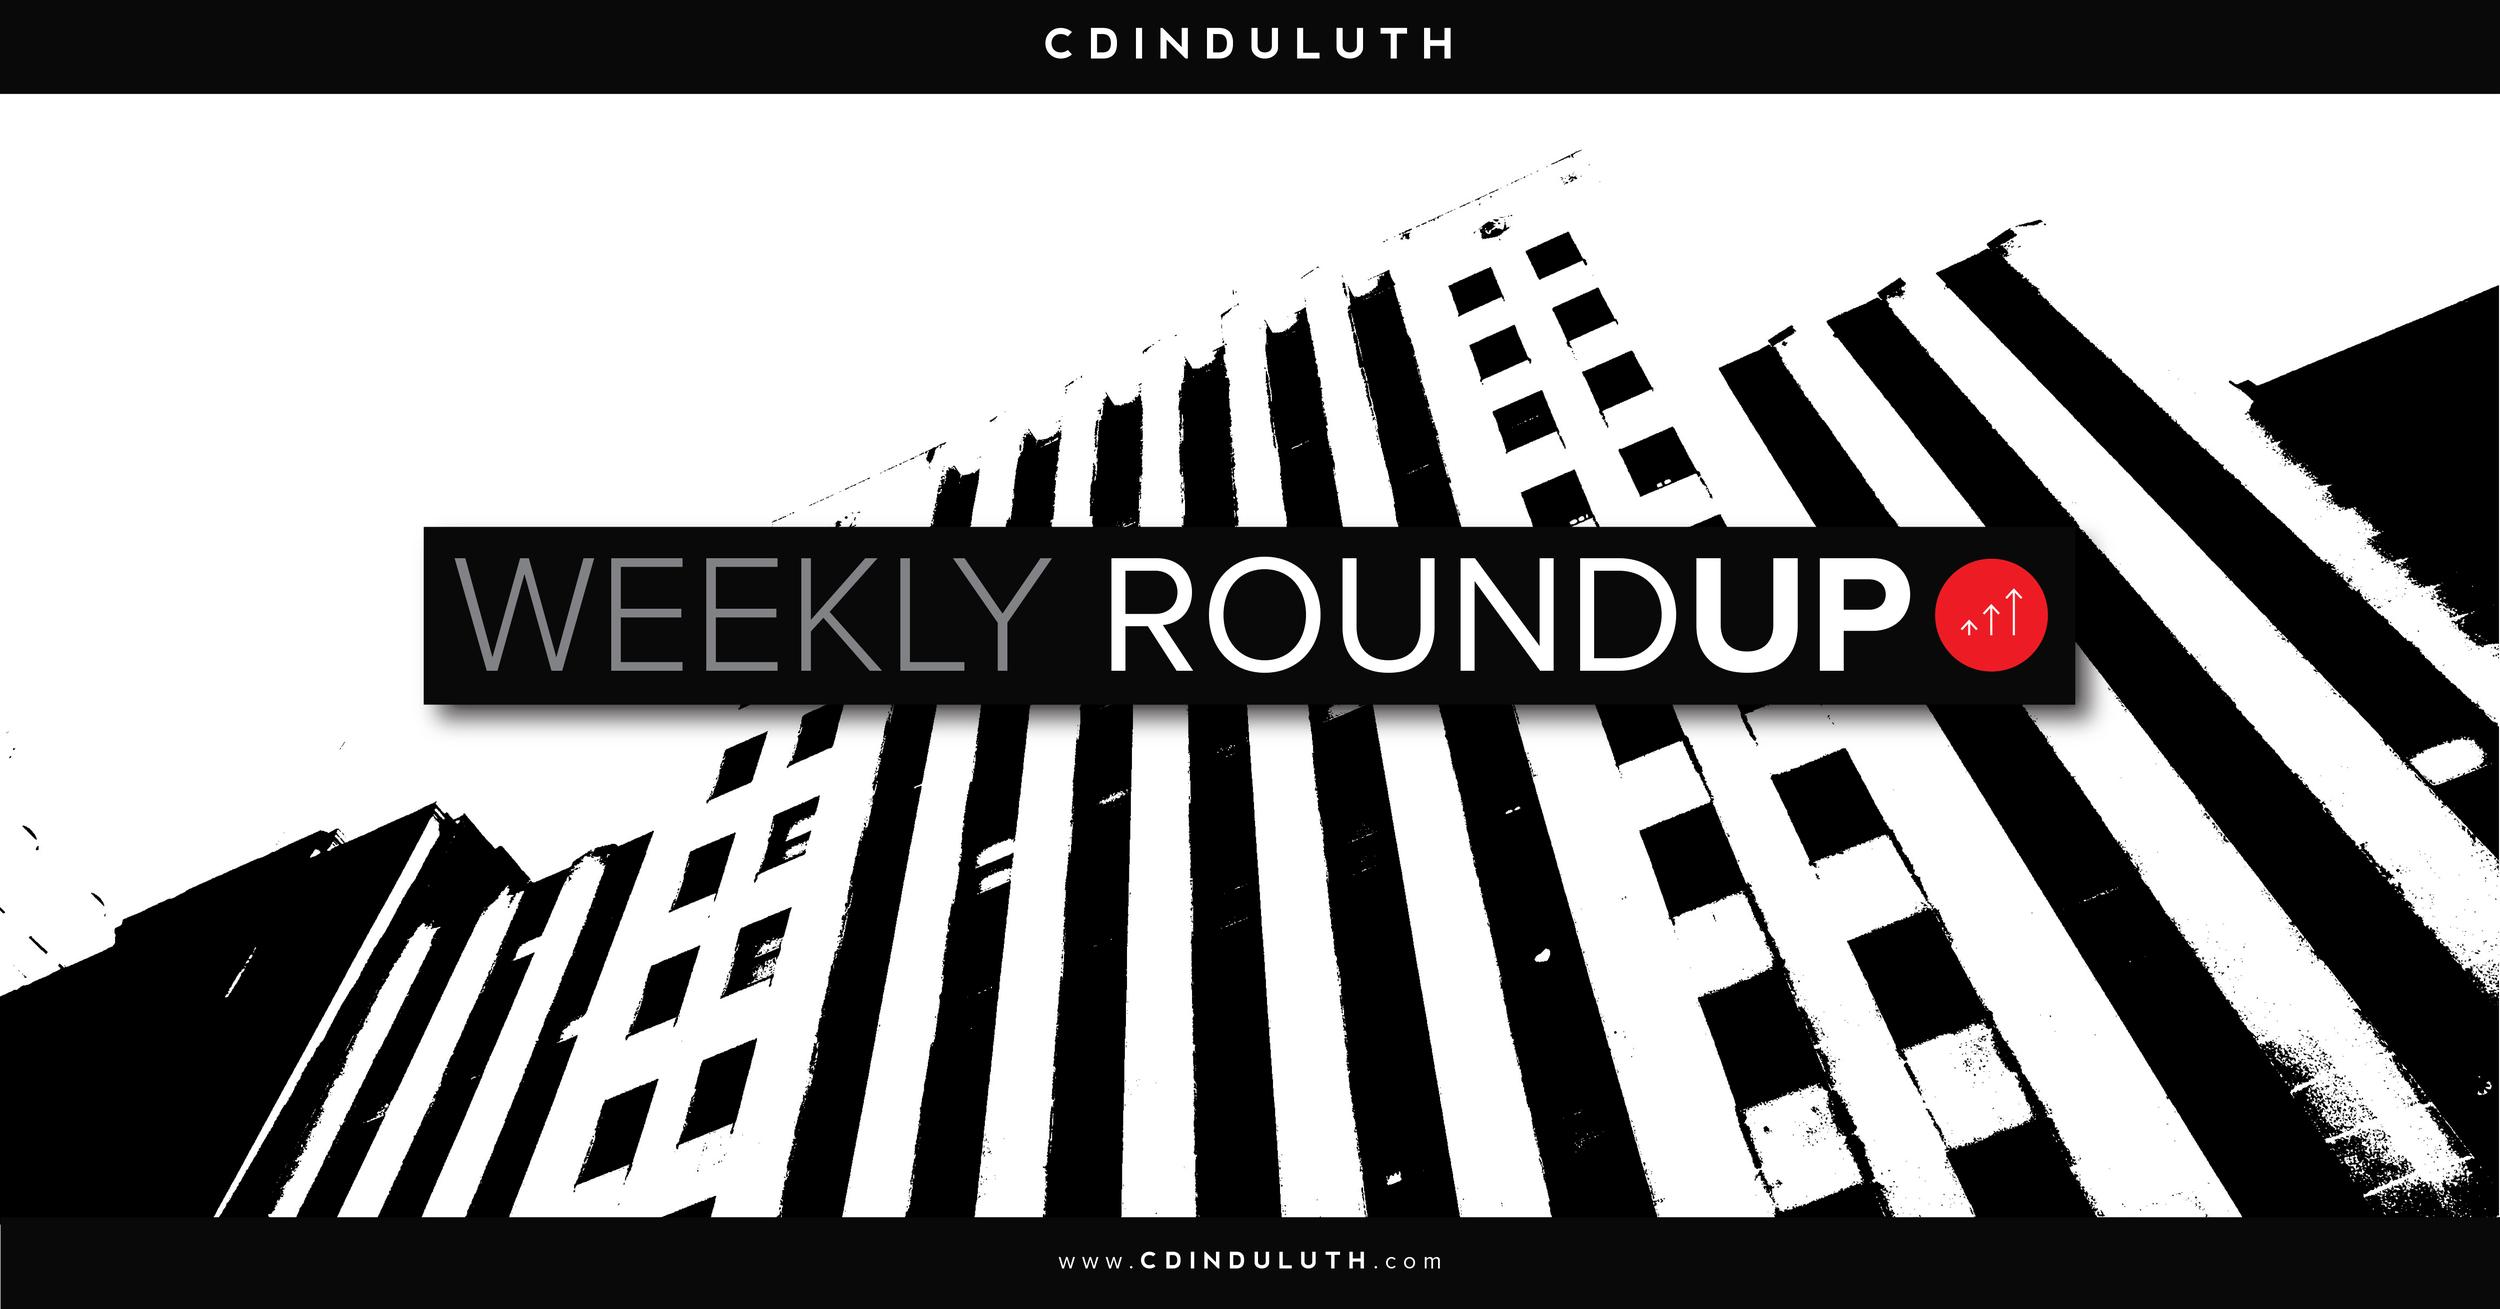 WeeklyRoudup.jpg